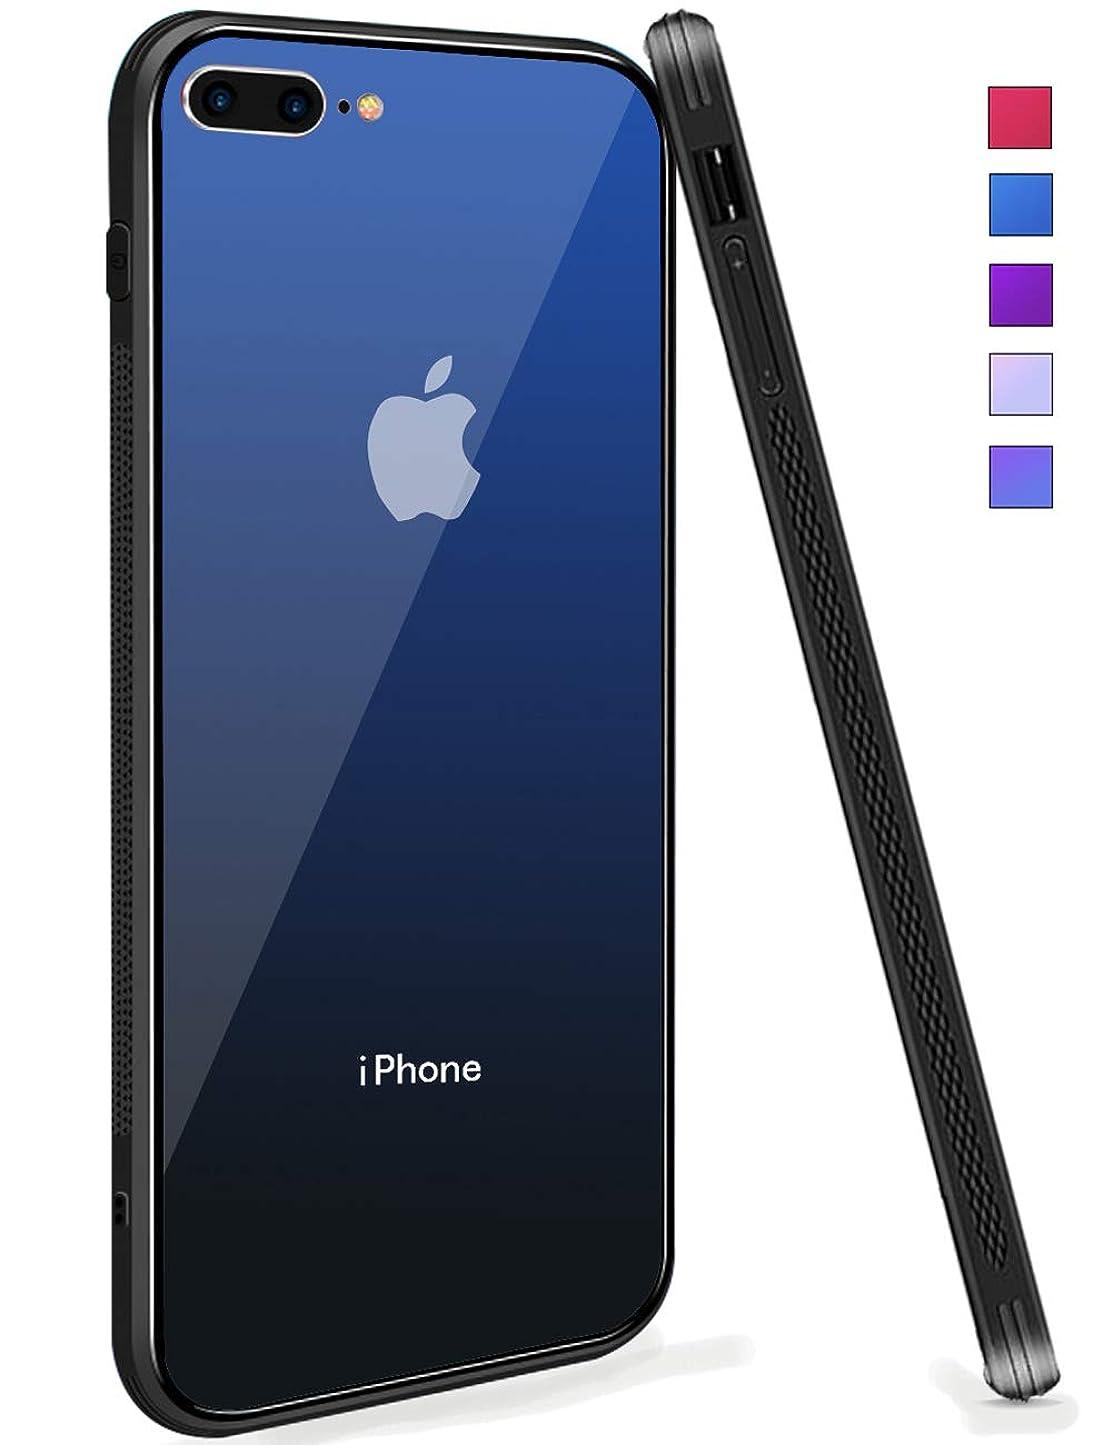 生む許容できる言い聞かせるiPhone8 Plus ケース iPhone7 Plus ケース グラデーション 強化ガラスケース 硬度9H TPUバンパー 耐衝撃 軽量 アイフォン8Plus/7Plusケース おしゃれ qi対応 傷つき防止 (ブルー)